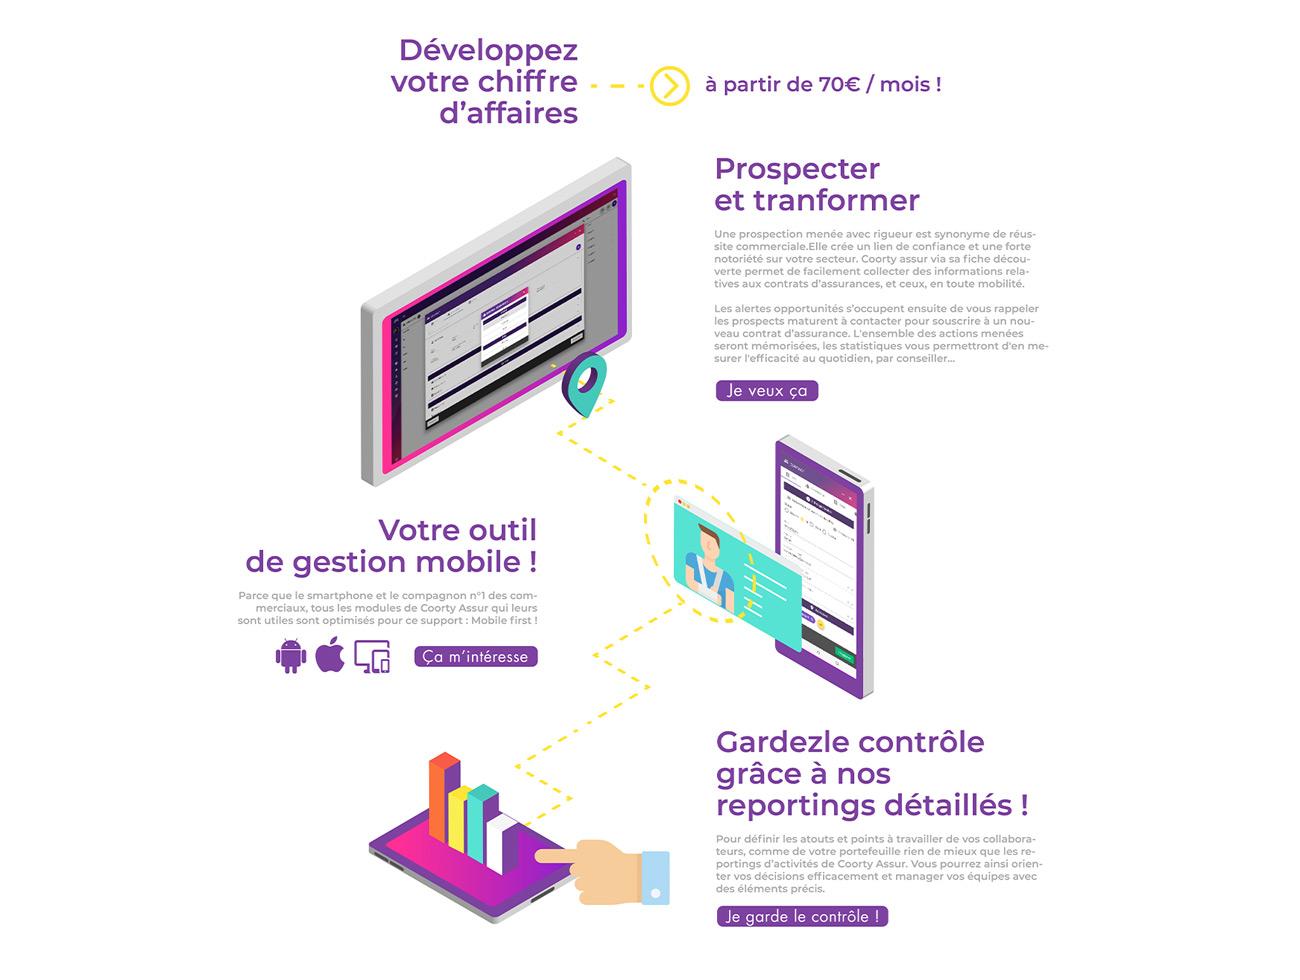 coorty-identité-visuelle-territoire-plaquette-commercial-d-expression-communication-produit-logo..jpg